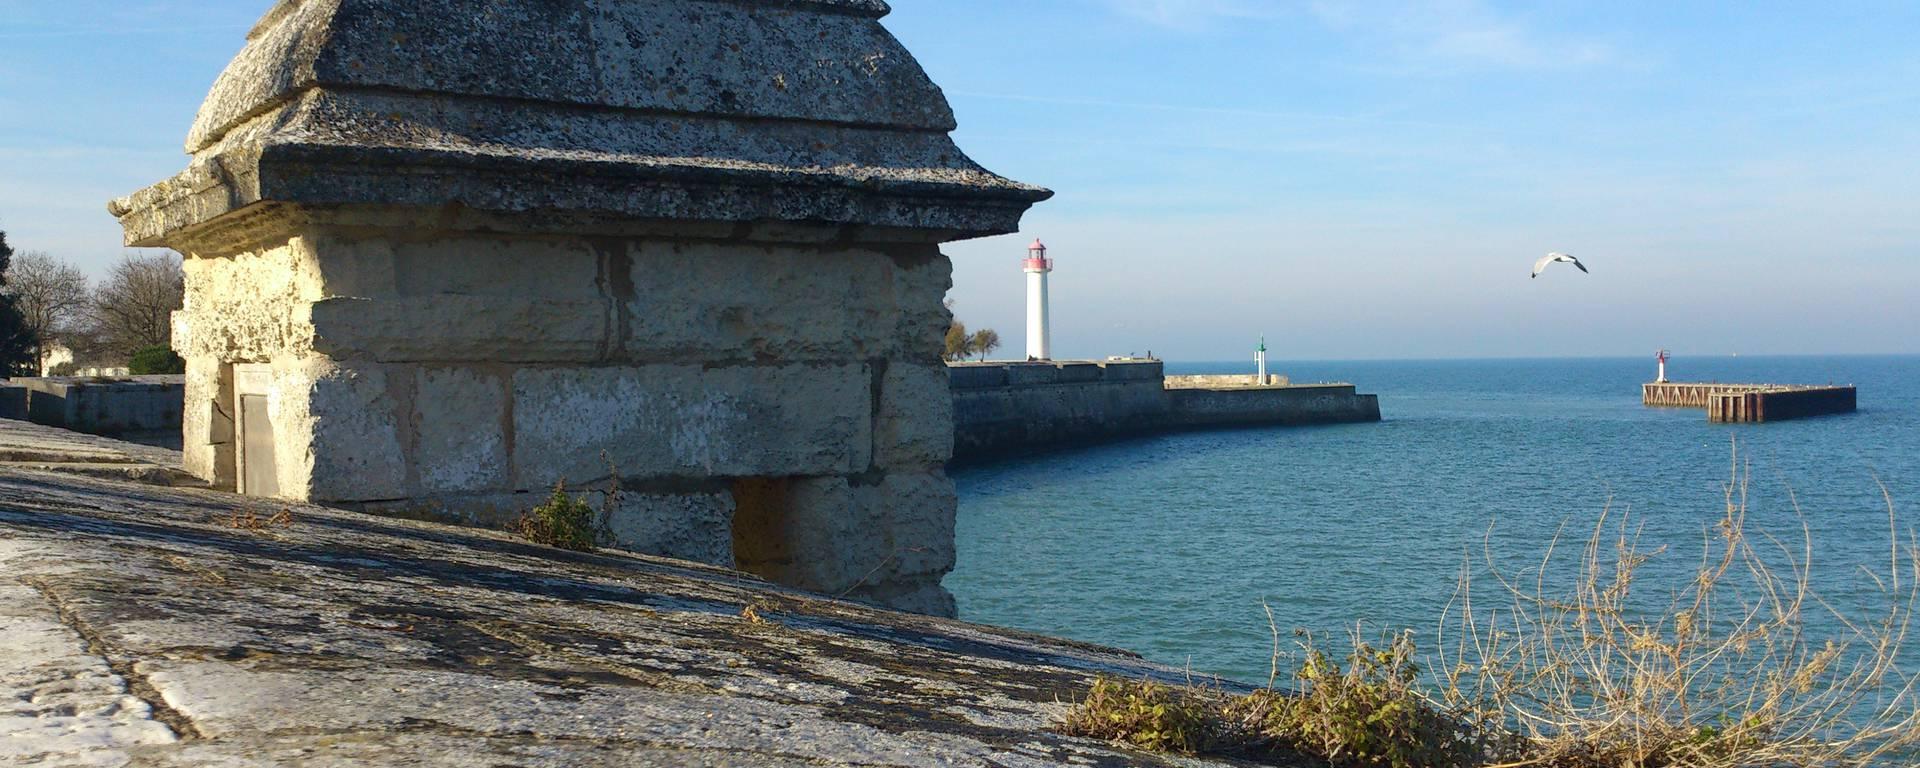 Fortification de Vauban à Saint-Martin-de-Ré, Île de Ré